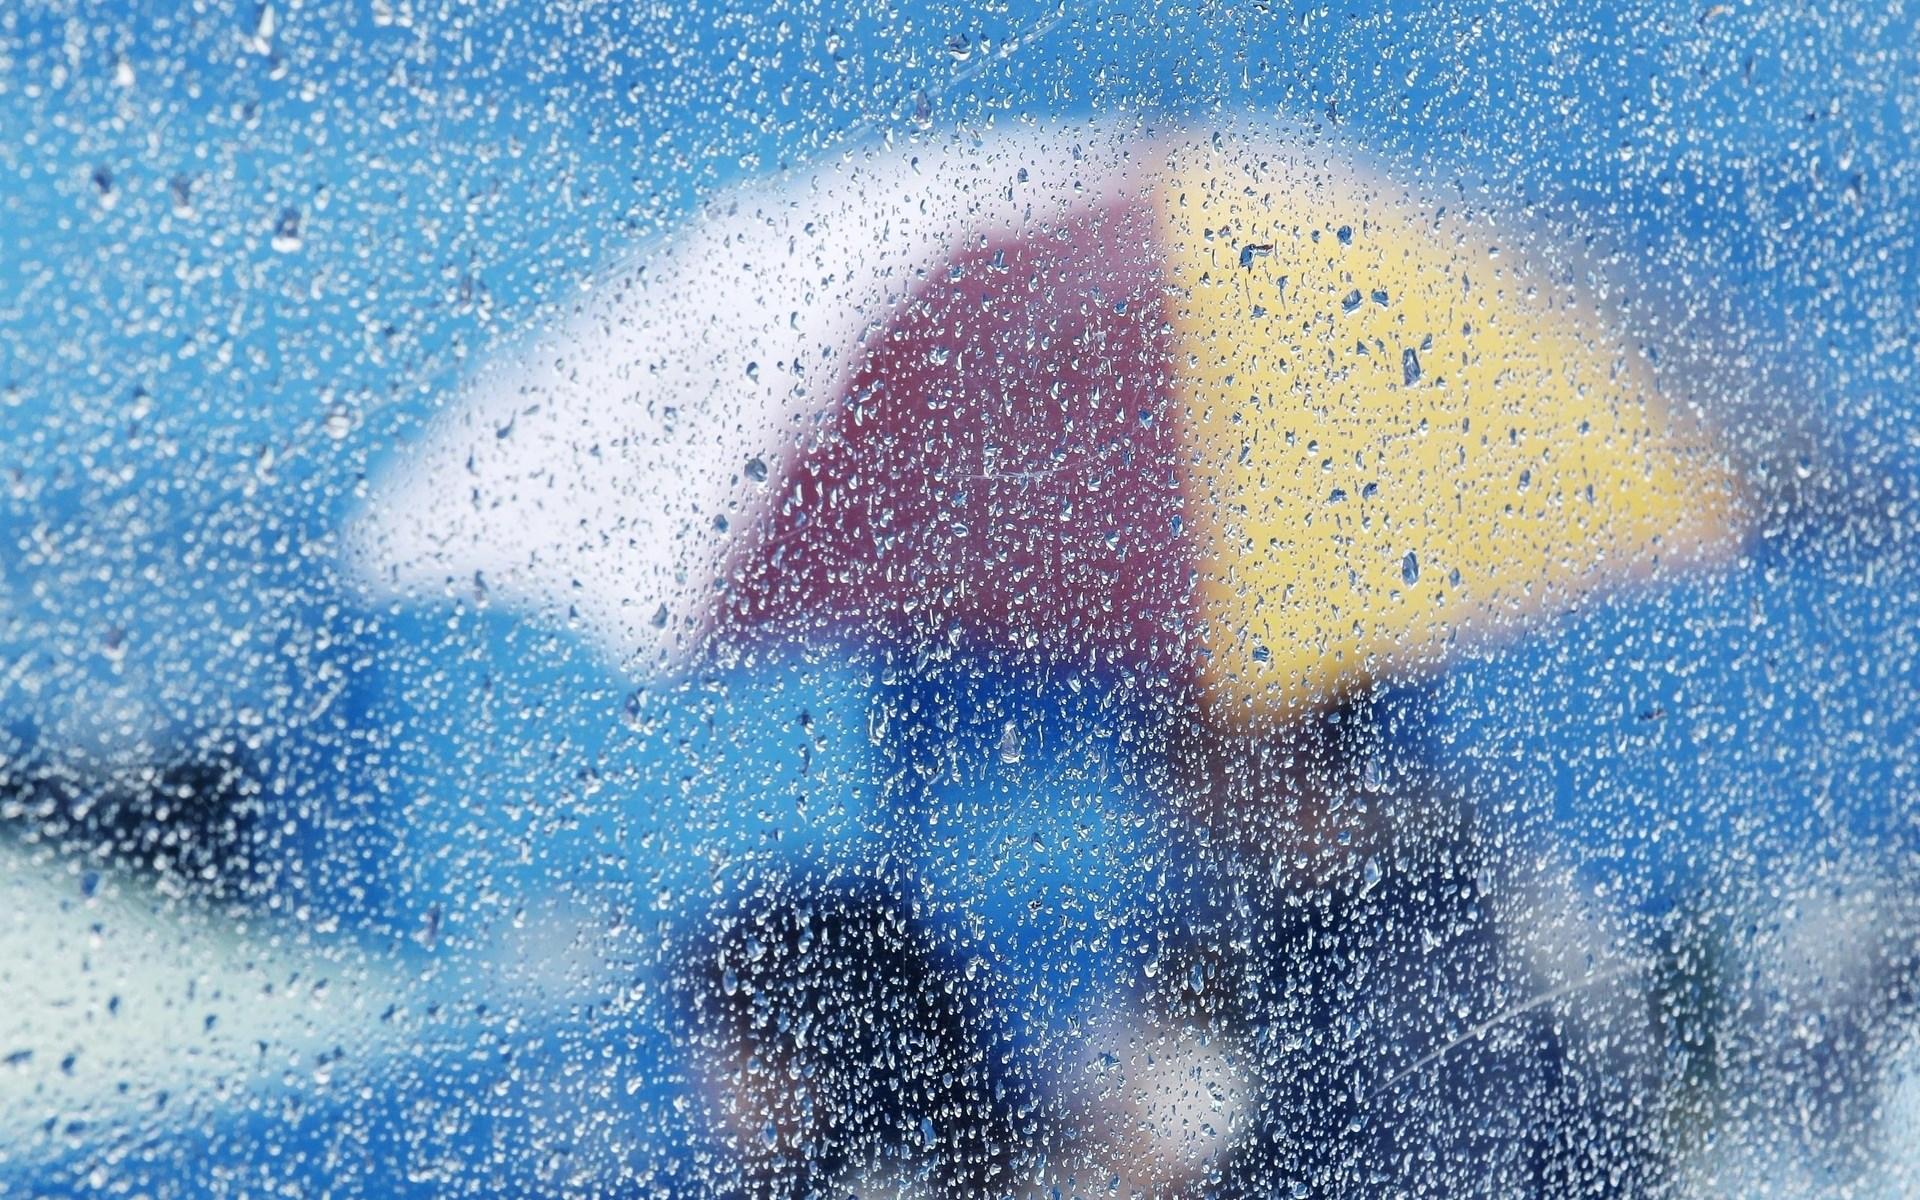 Car Wallpapers For Macbook Pro Rain Storm Umbrella Bokeh Mood Wallpaper 1920x1200